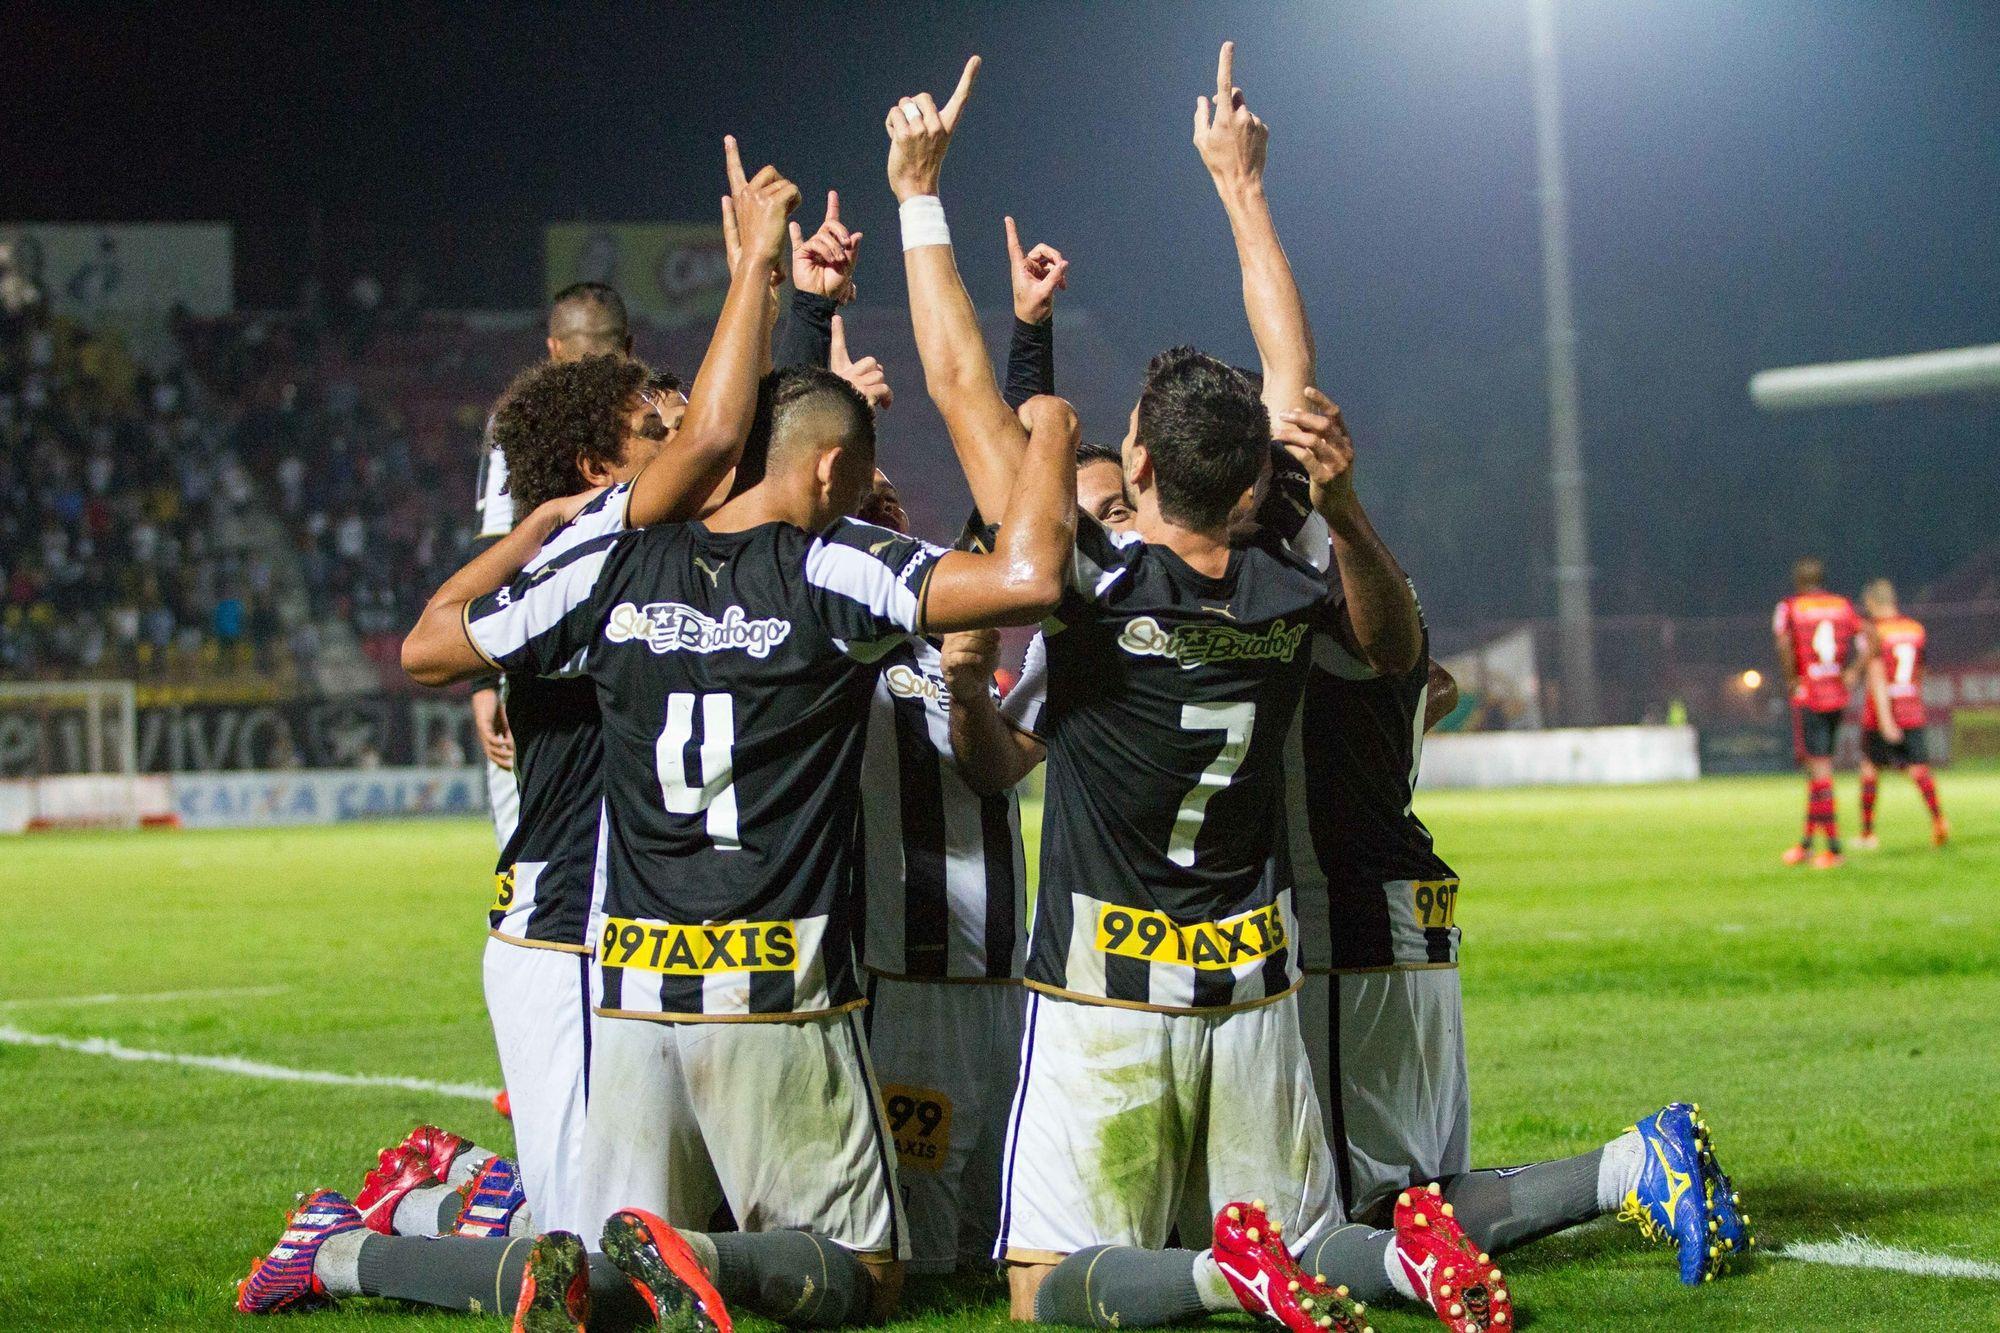 O Time A Ser Batido Botafogo Iguala Melhor Campanha Em